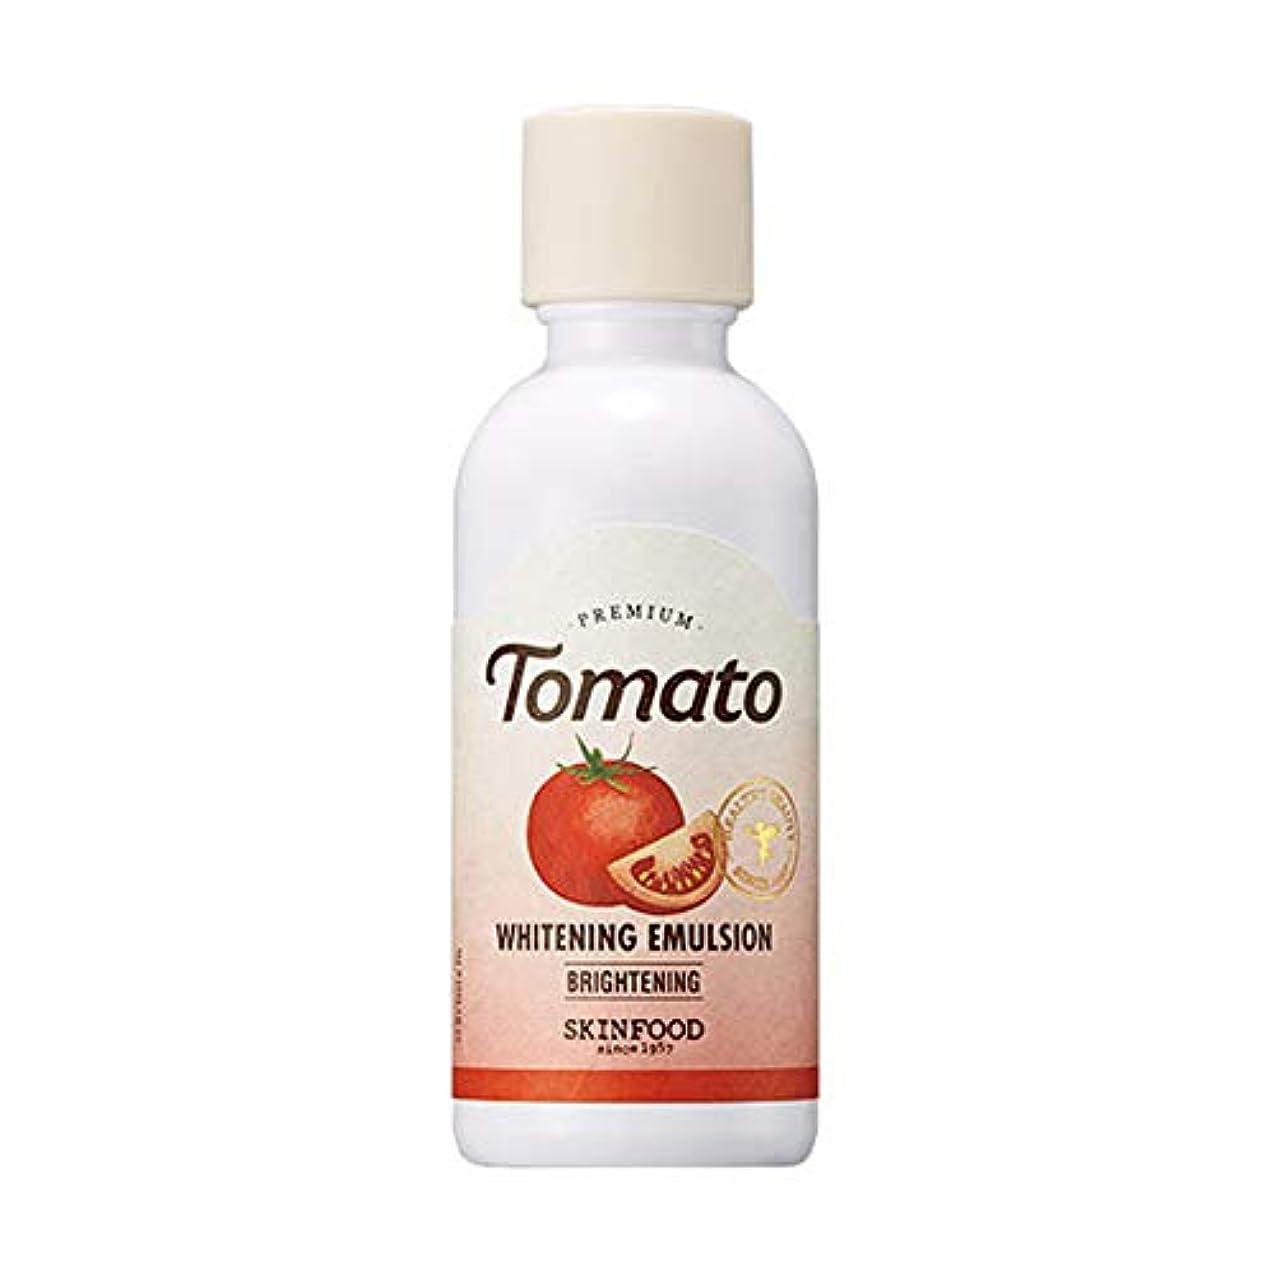 頂点書誌写真撮影Skinfood プレミアムトマトホワイトニングエマルジョン/Premium Tomato Whitening Emulsion 160ml [並行輸入品]